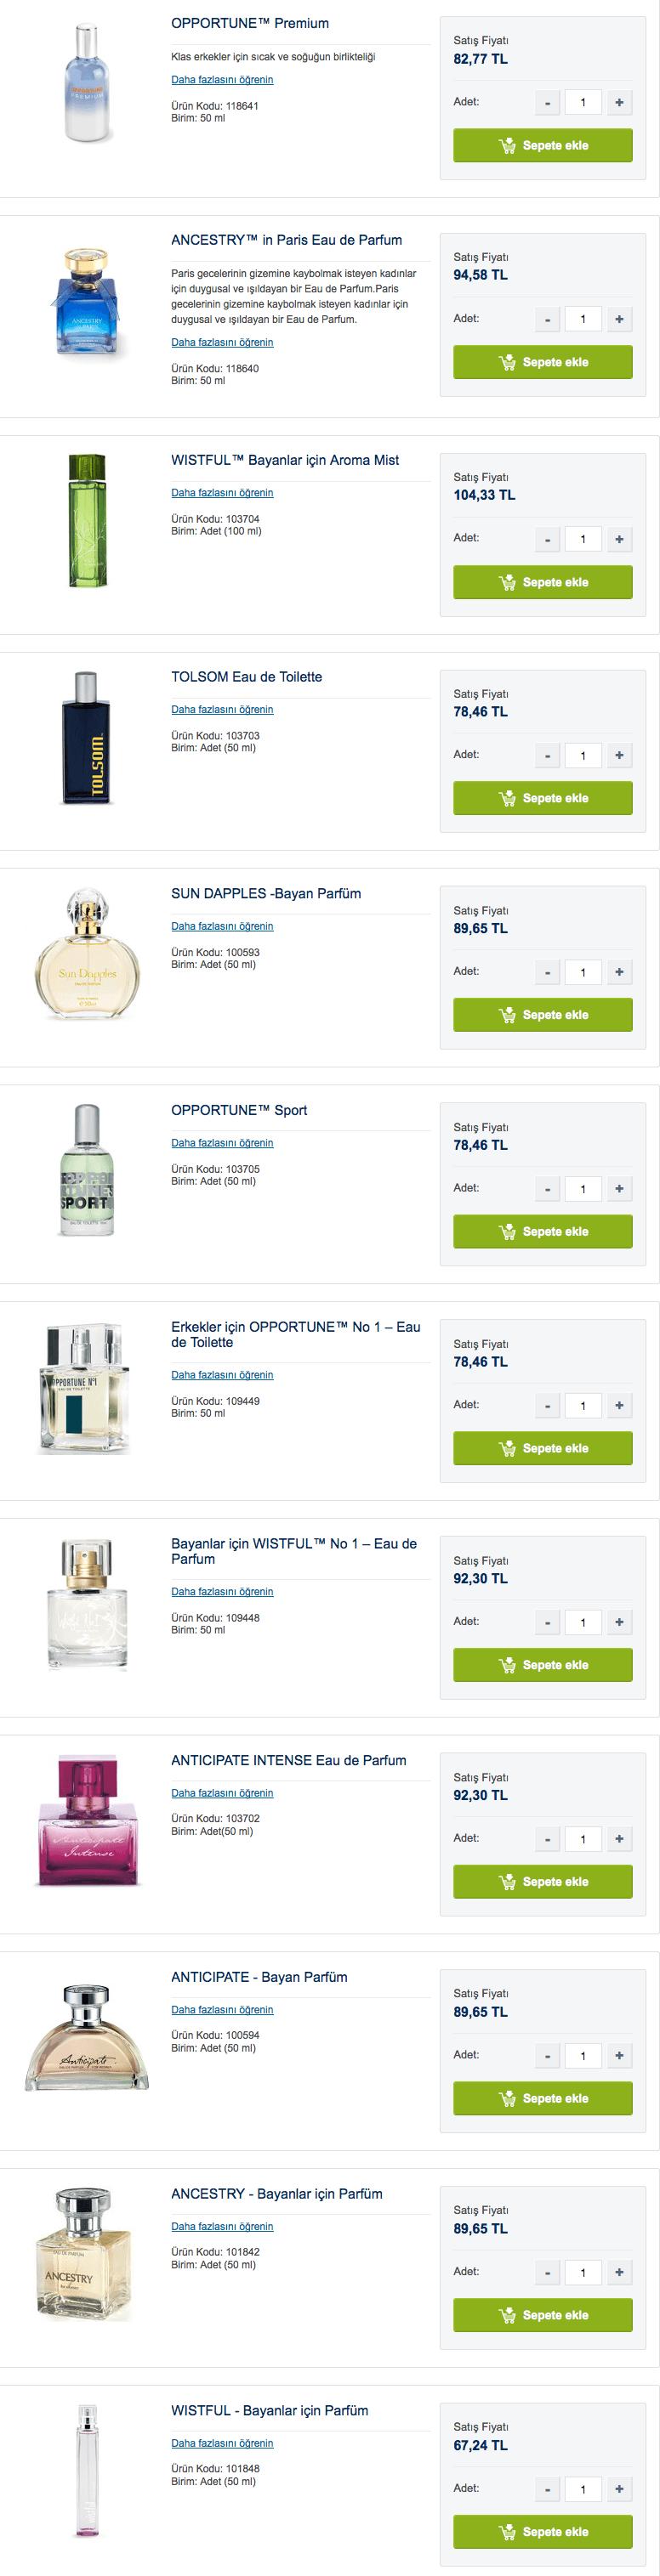 Amyway güncel parfüm fiyatları